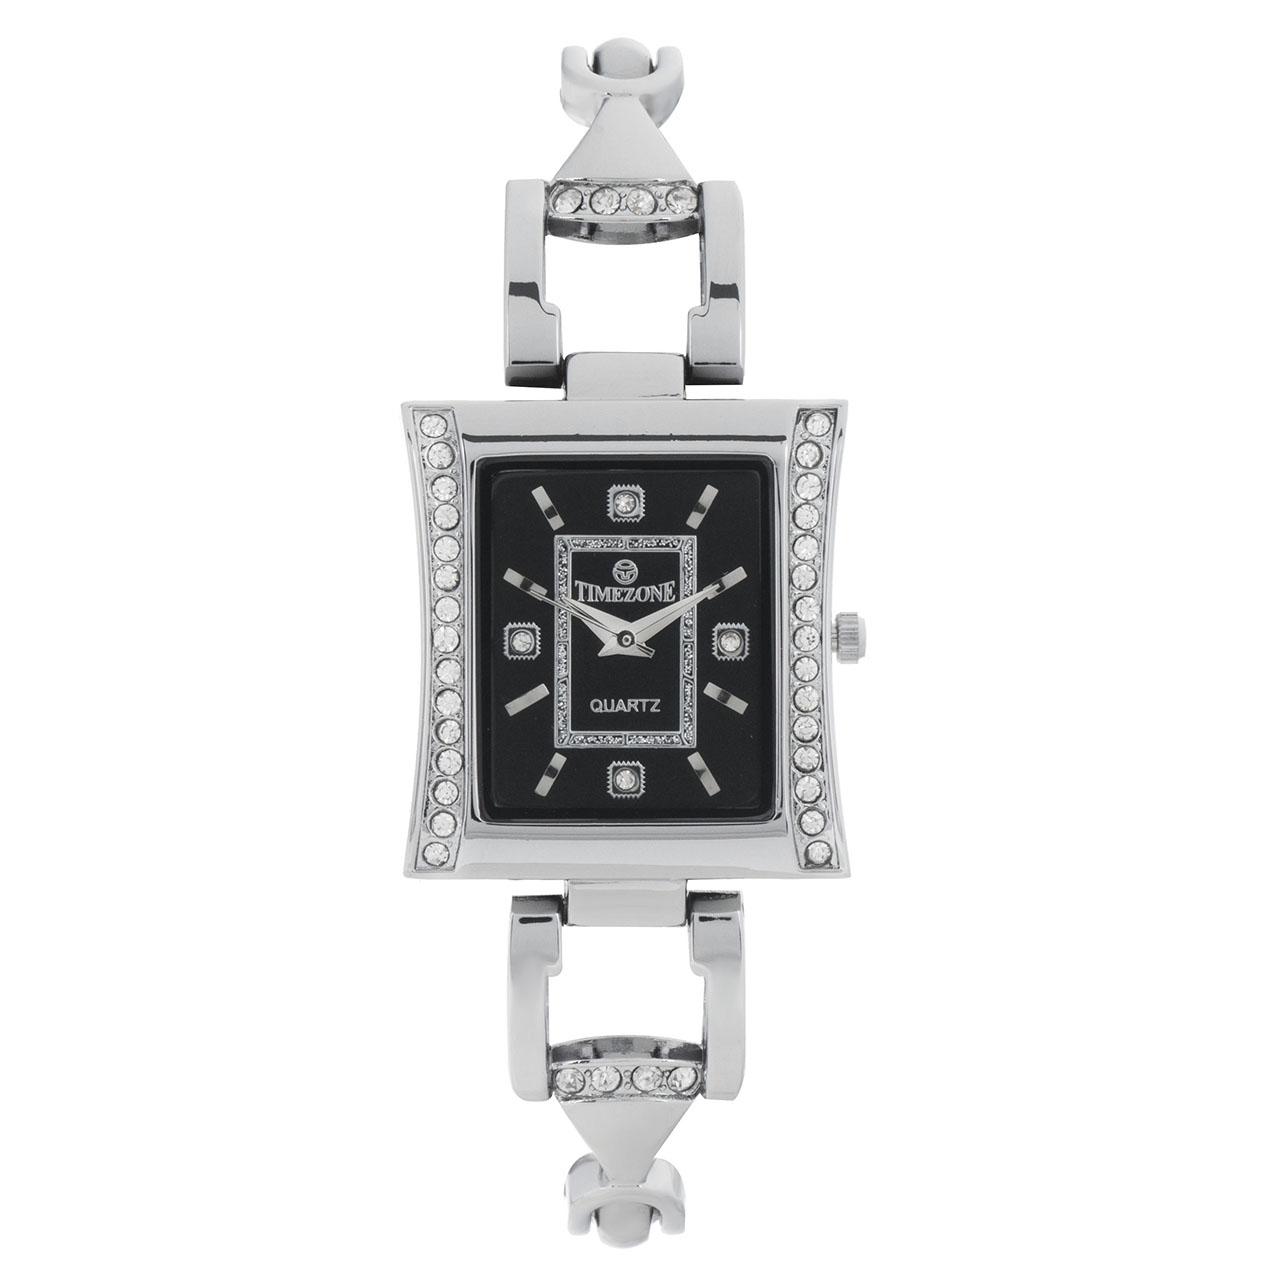 خرید ساعت مچی عقربه ای زنانه تایم زون مدل Time silver